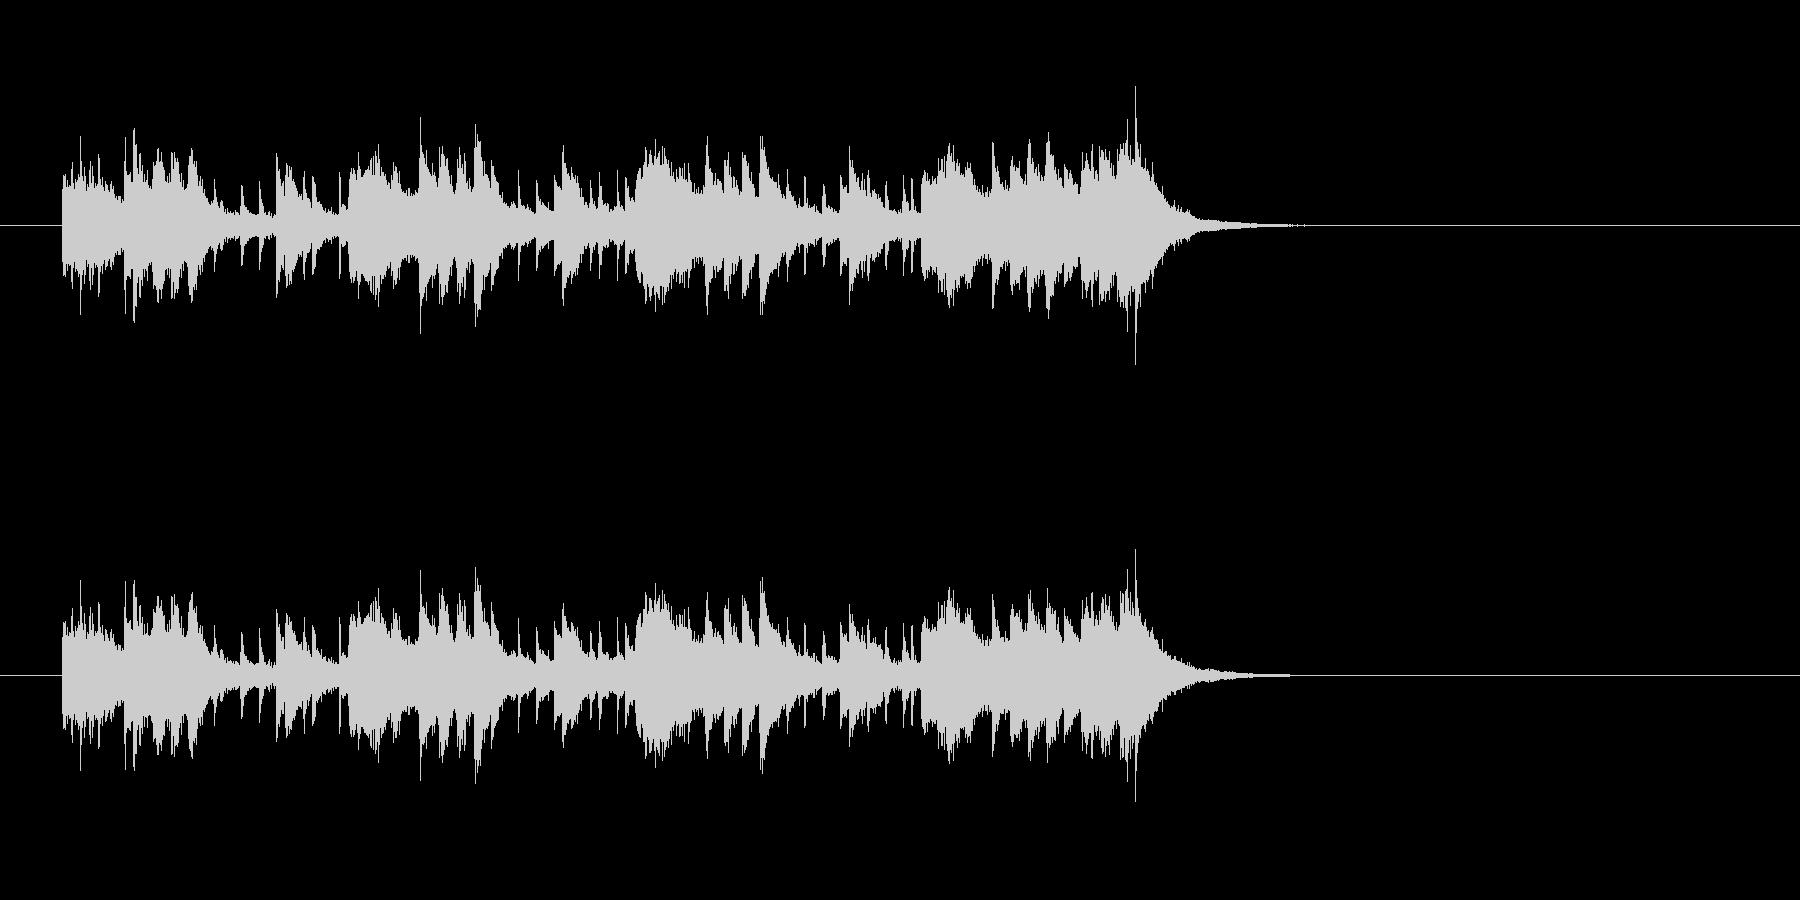 インド 中東 アジア 民族楽器の未再生の波形